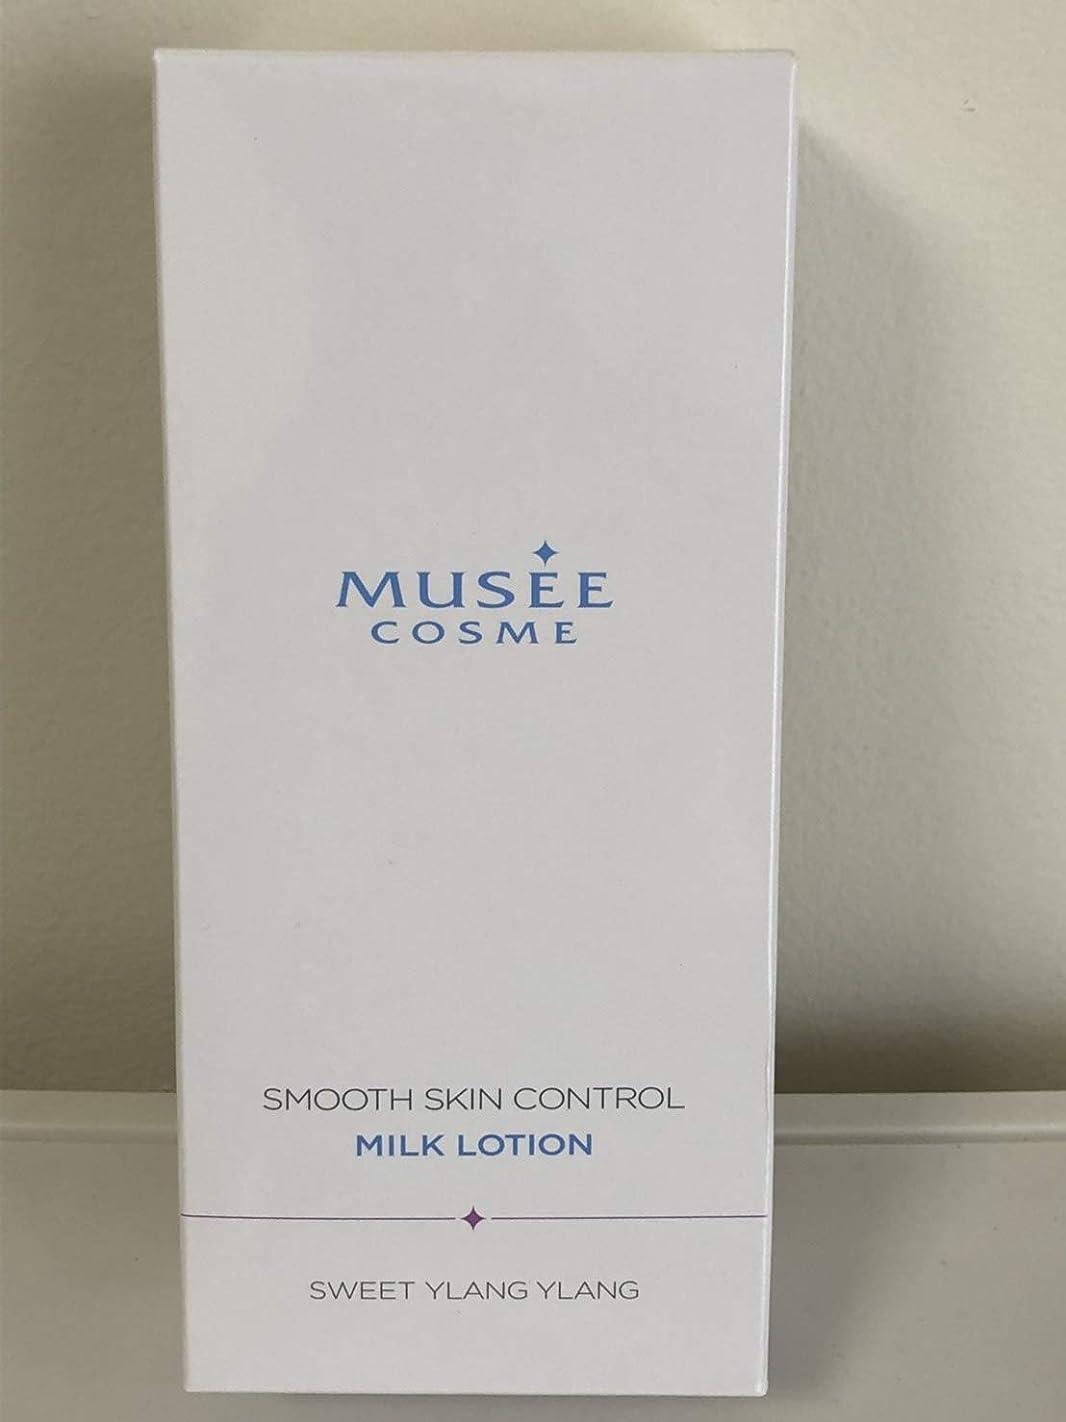 フリンジ刈る静脈ミュゼコスメ 薬用スムーススキンコントロール ミルクローション 300mL スイートイランイランの香り